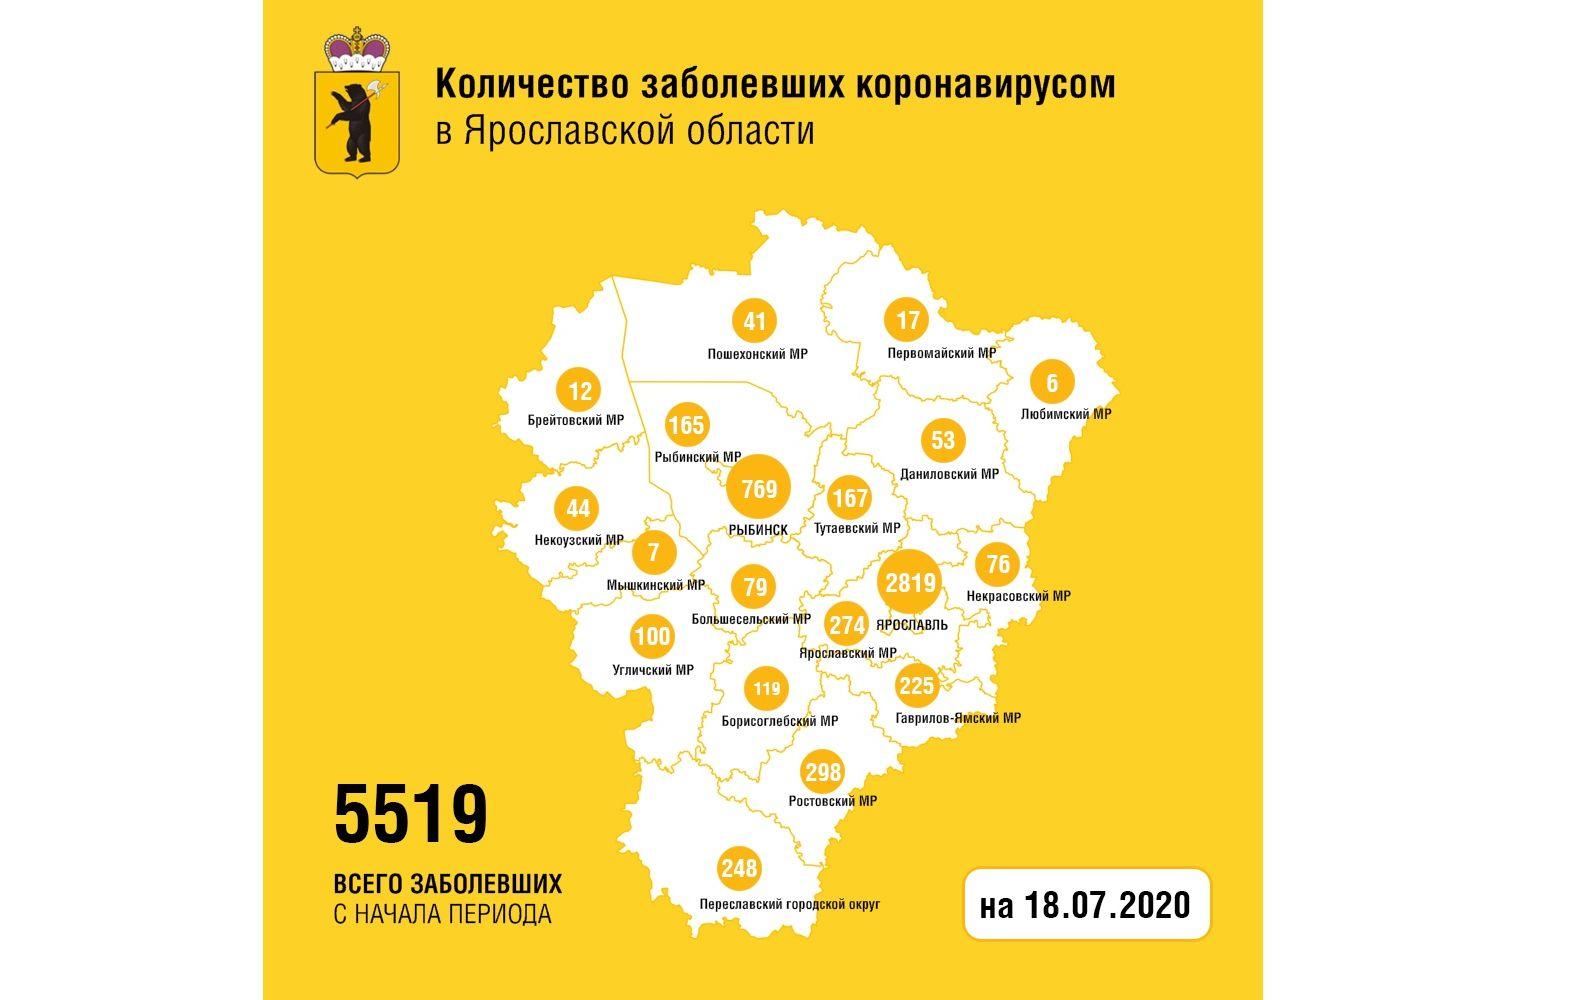 Еще 77 жителей Ярославской области вылечились от коронавируса